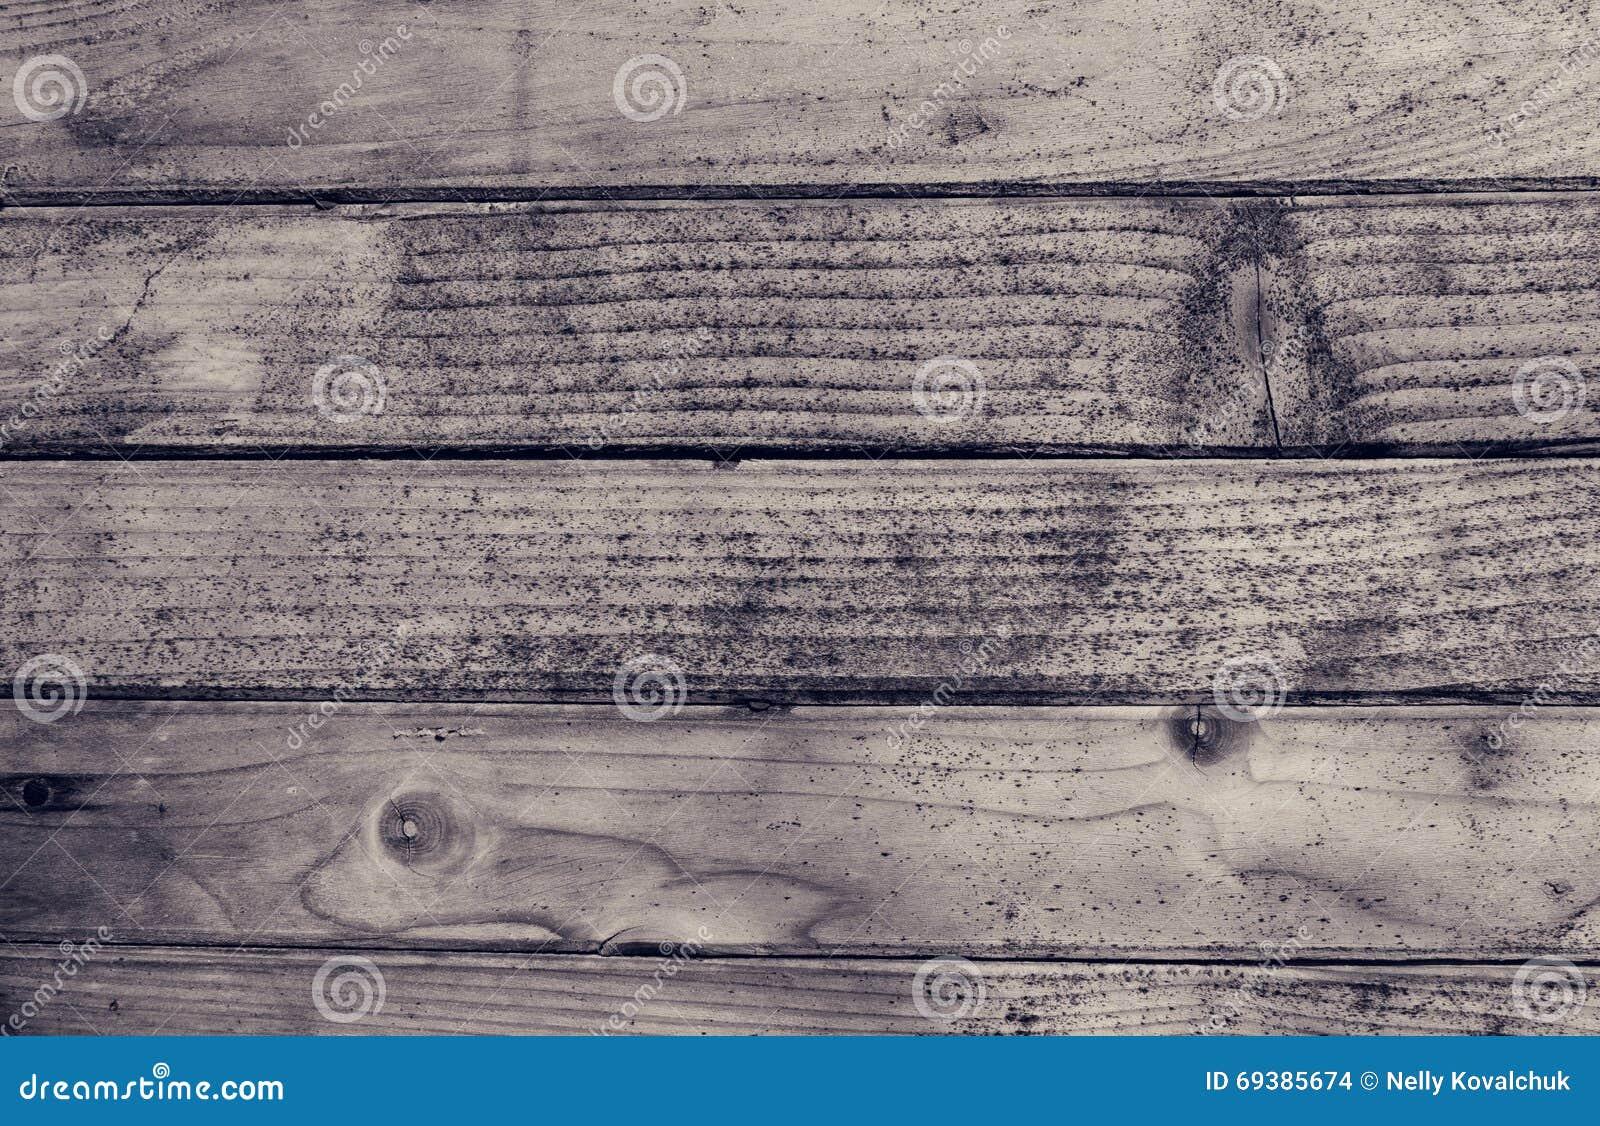 Legno Bianco E Nero : Vecchia struttura di legno in bianco e nero fotografia stock